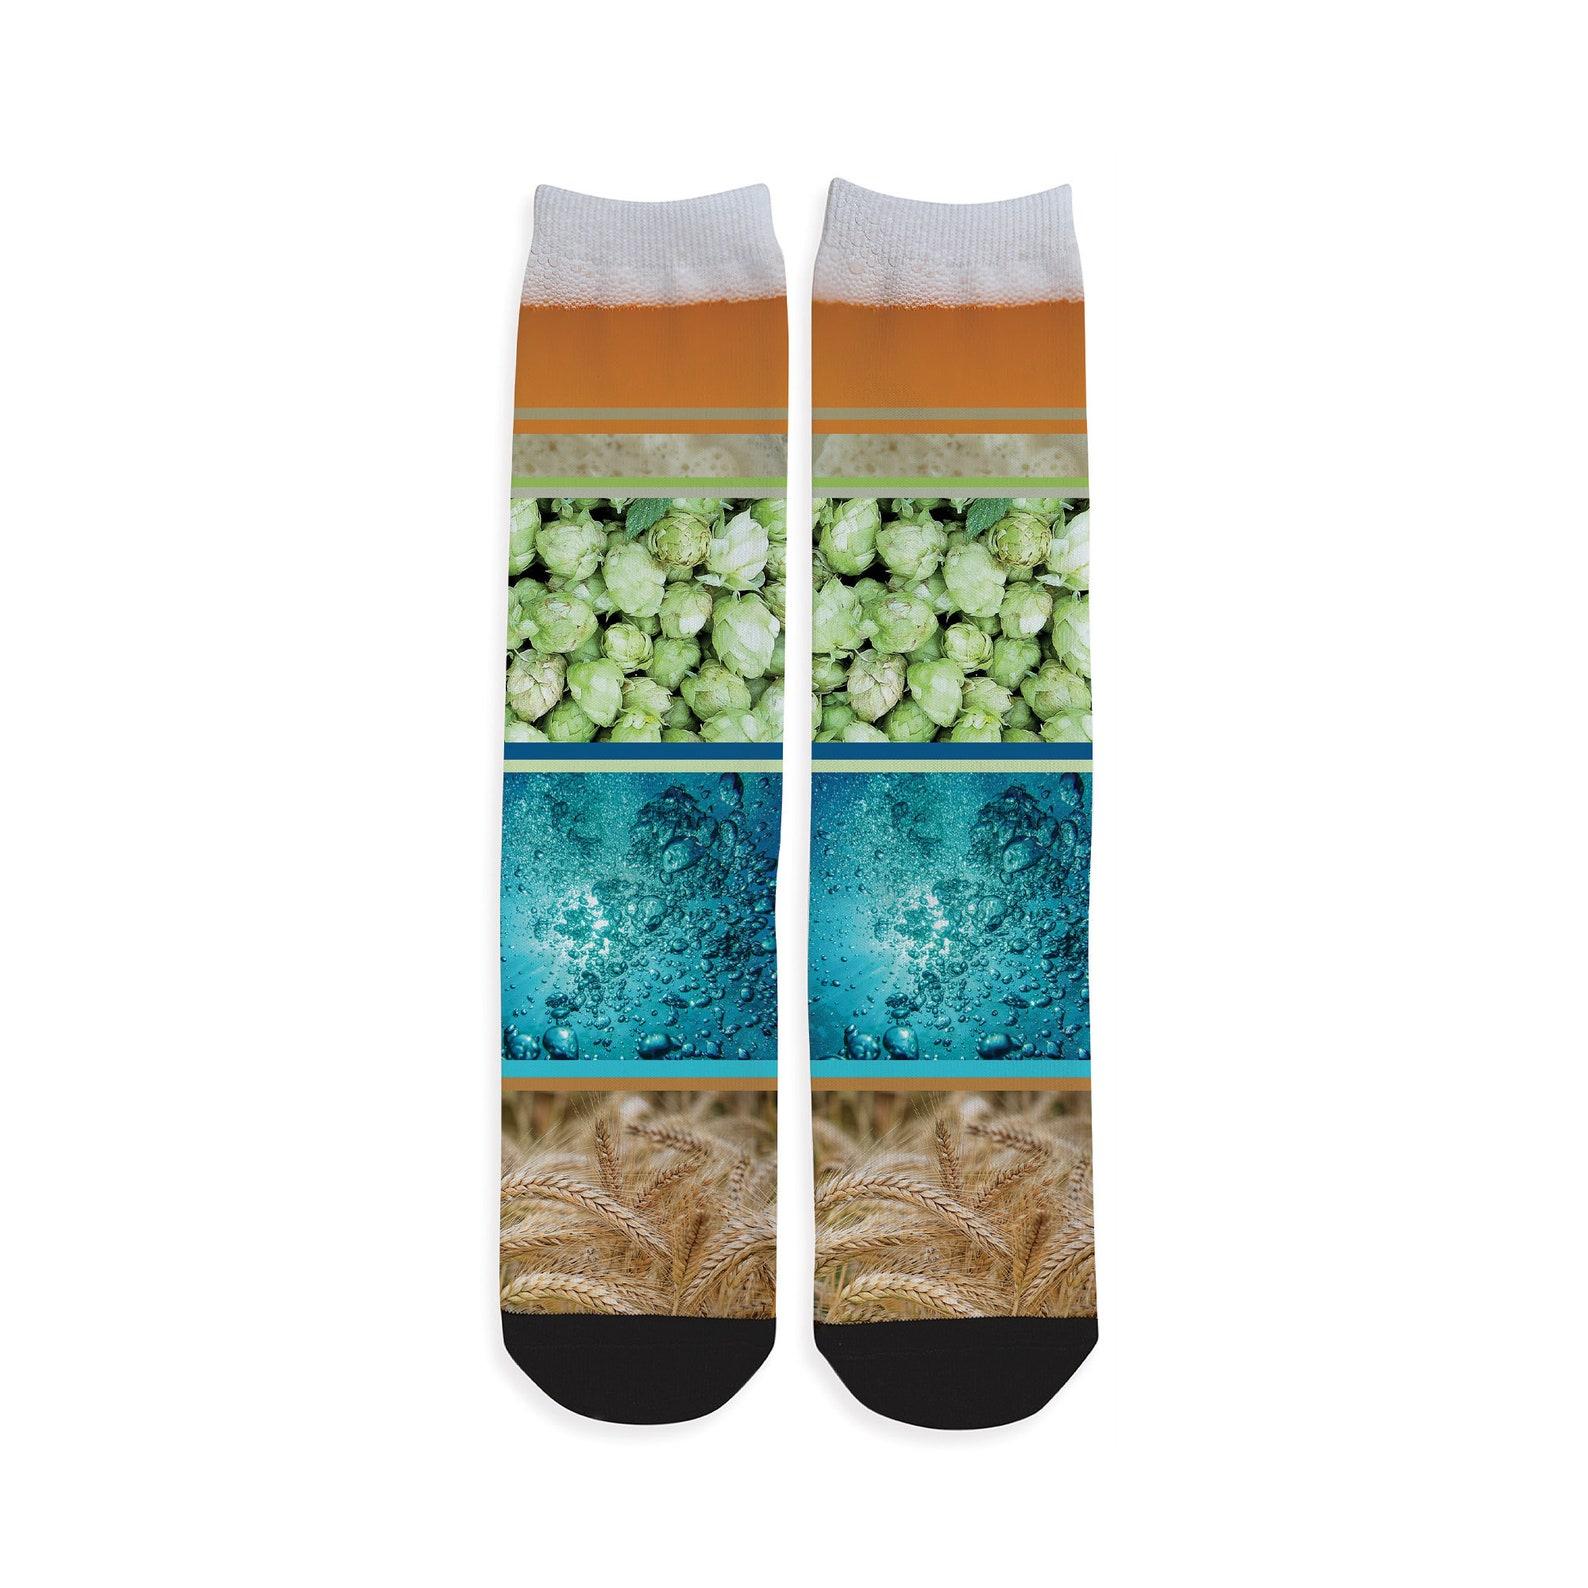 Reinheitsgebot Socks